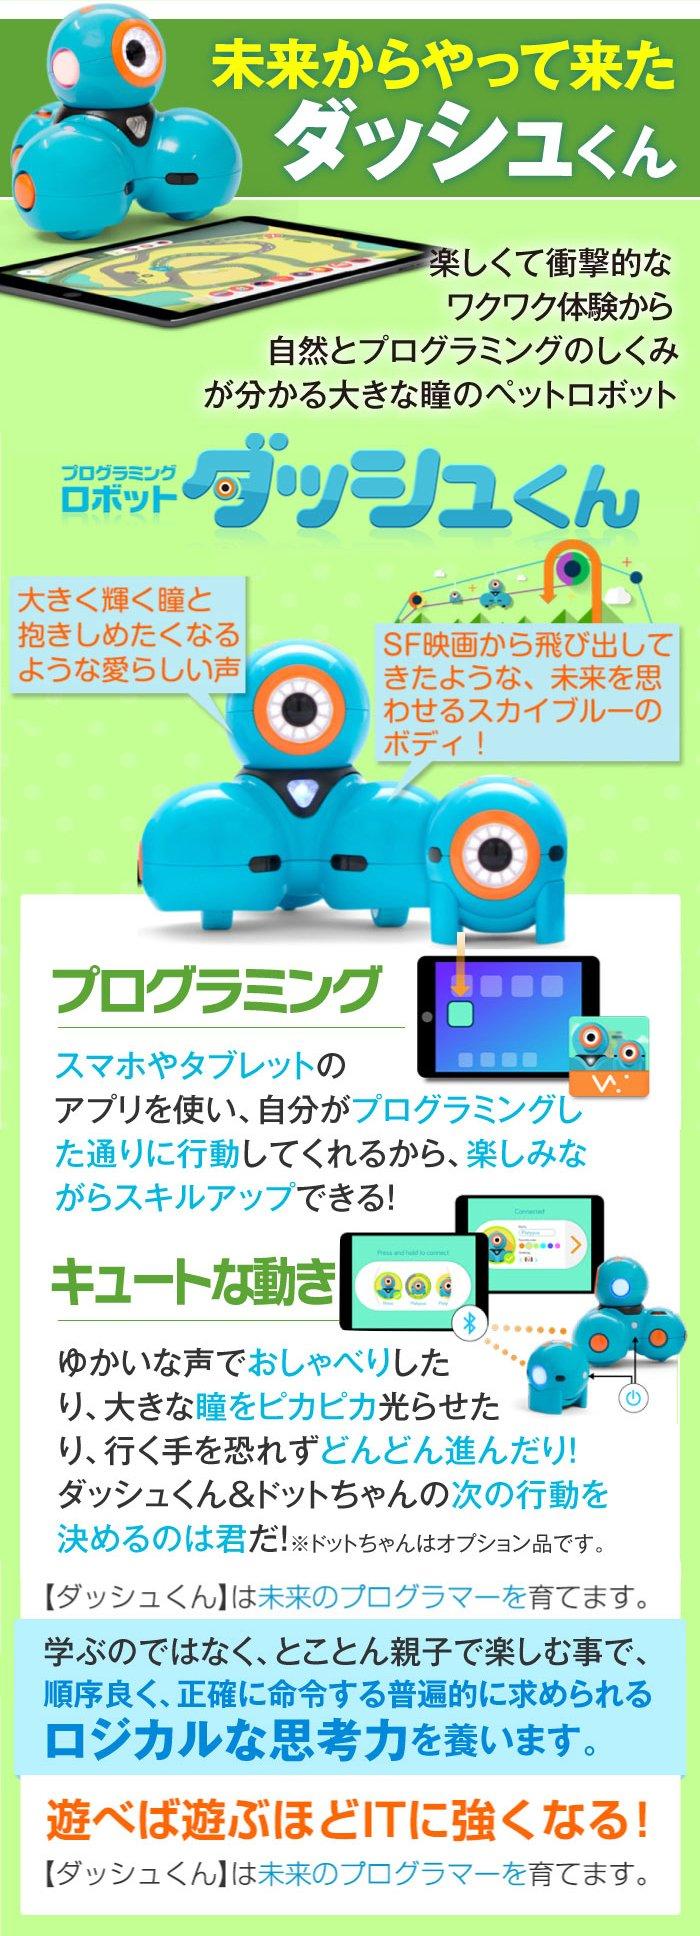 プログラムロボットダッシュくんでプログラム的思考を身に付けよう!